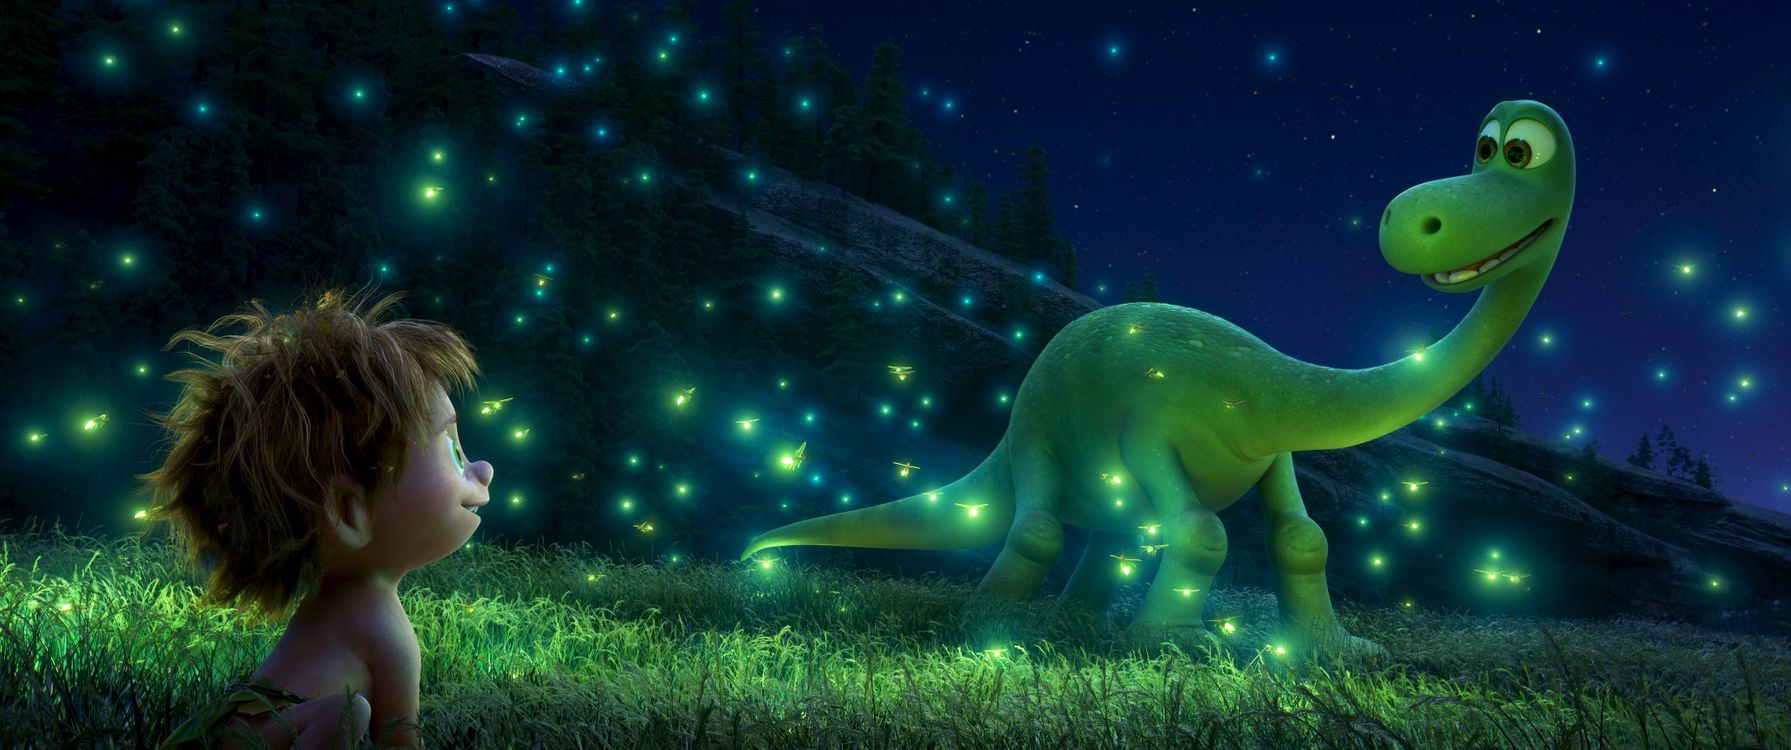 Фото бесплатно Хороший динозавр, мультфильм, фэнтези, комедия, приключения, семейный, мультфильмы